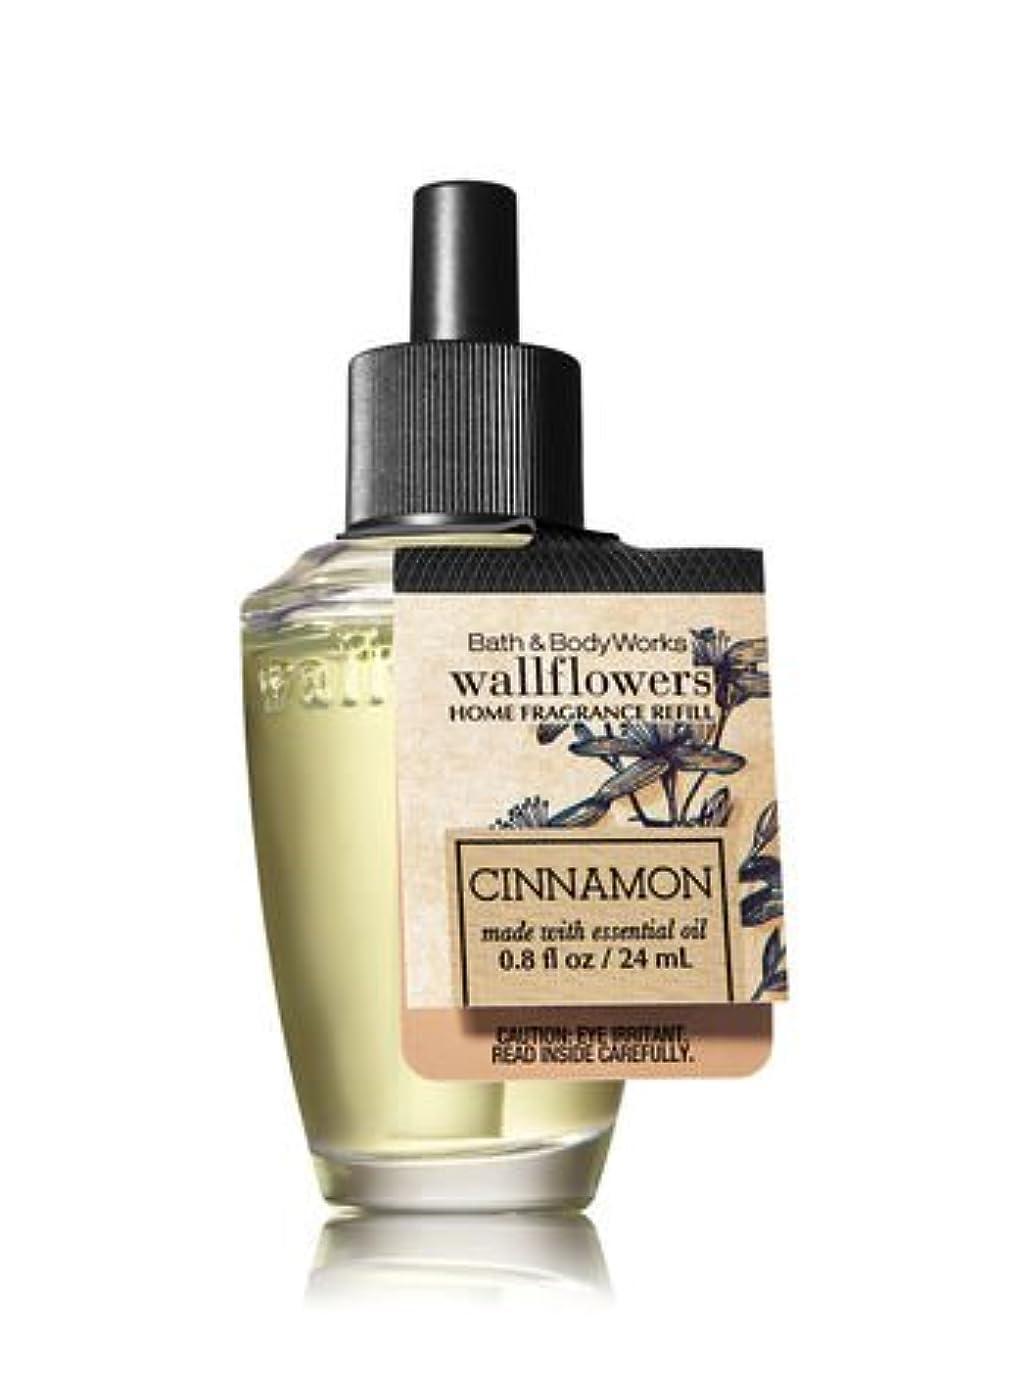 本質的に描写唯一【Bath&Body Works/バス&ボディワークス】 ルームフレグランス 詰替えリフィル シナモン Wallflowers Home Fragrance Refill made with essential oil Cinnamon [並行輸入品]